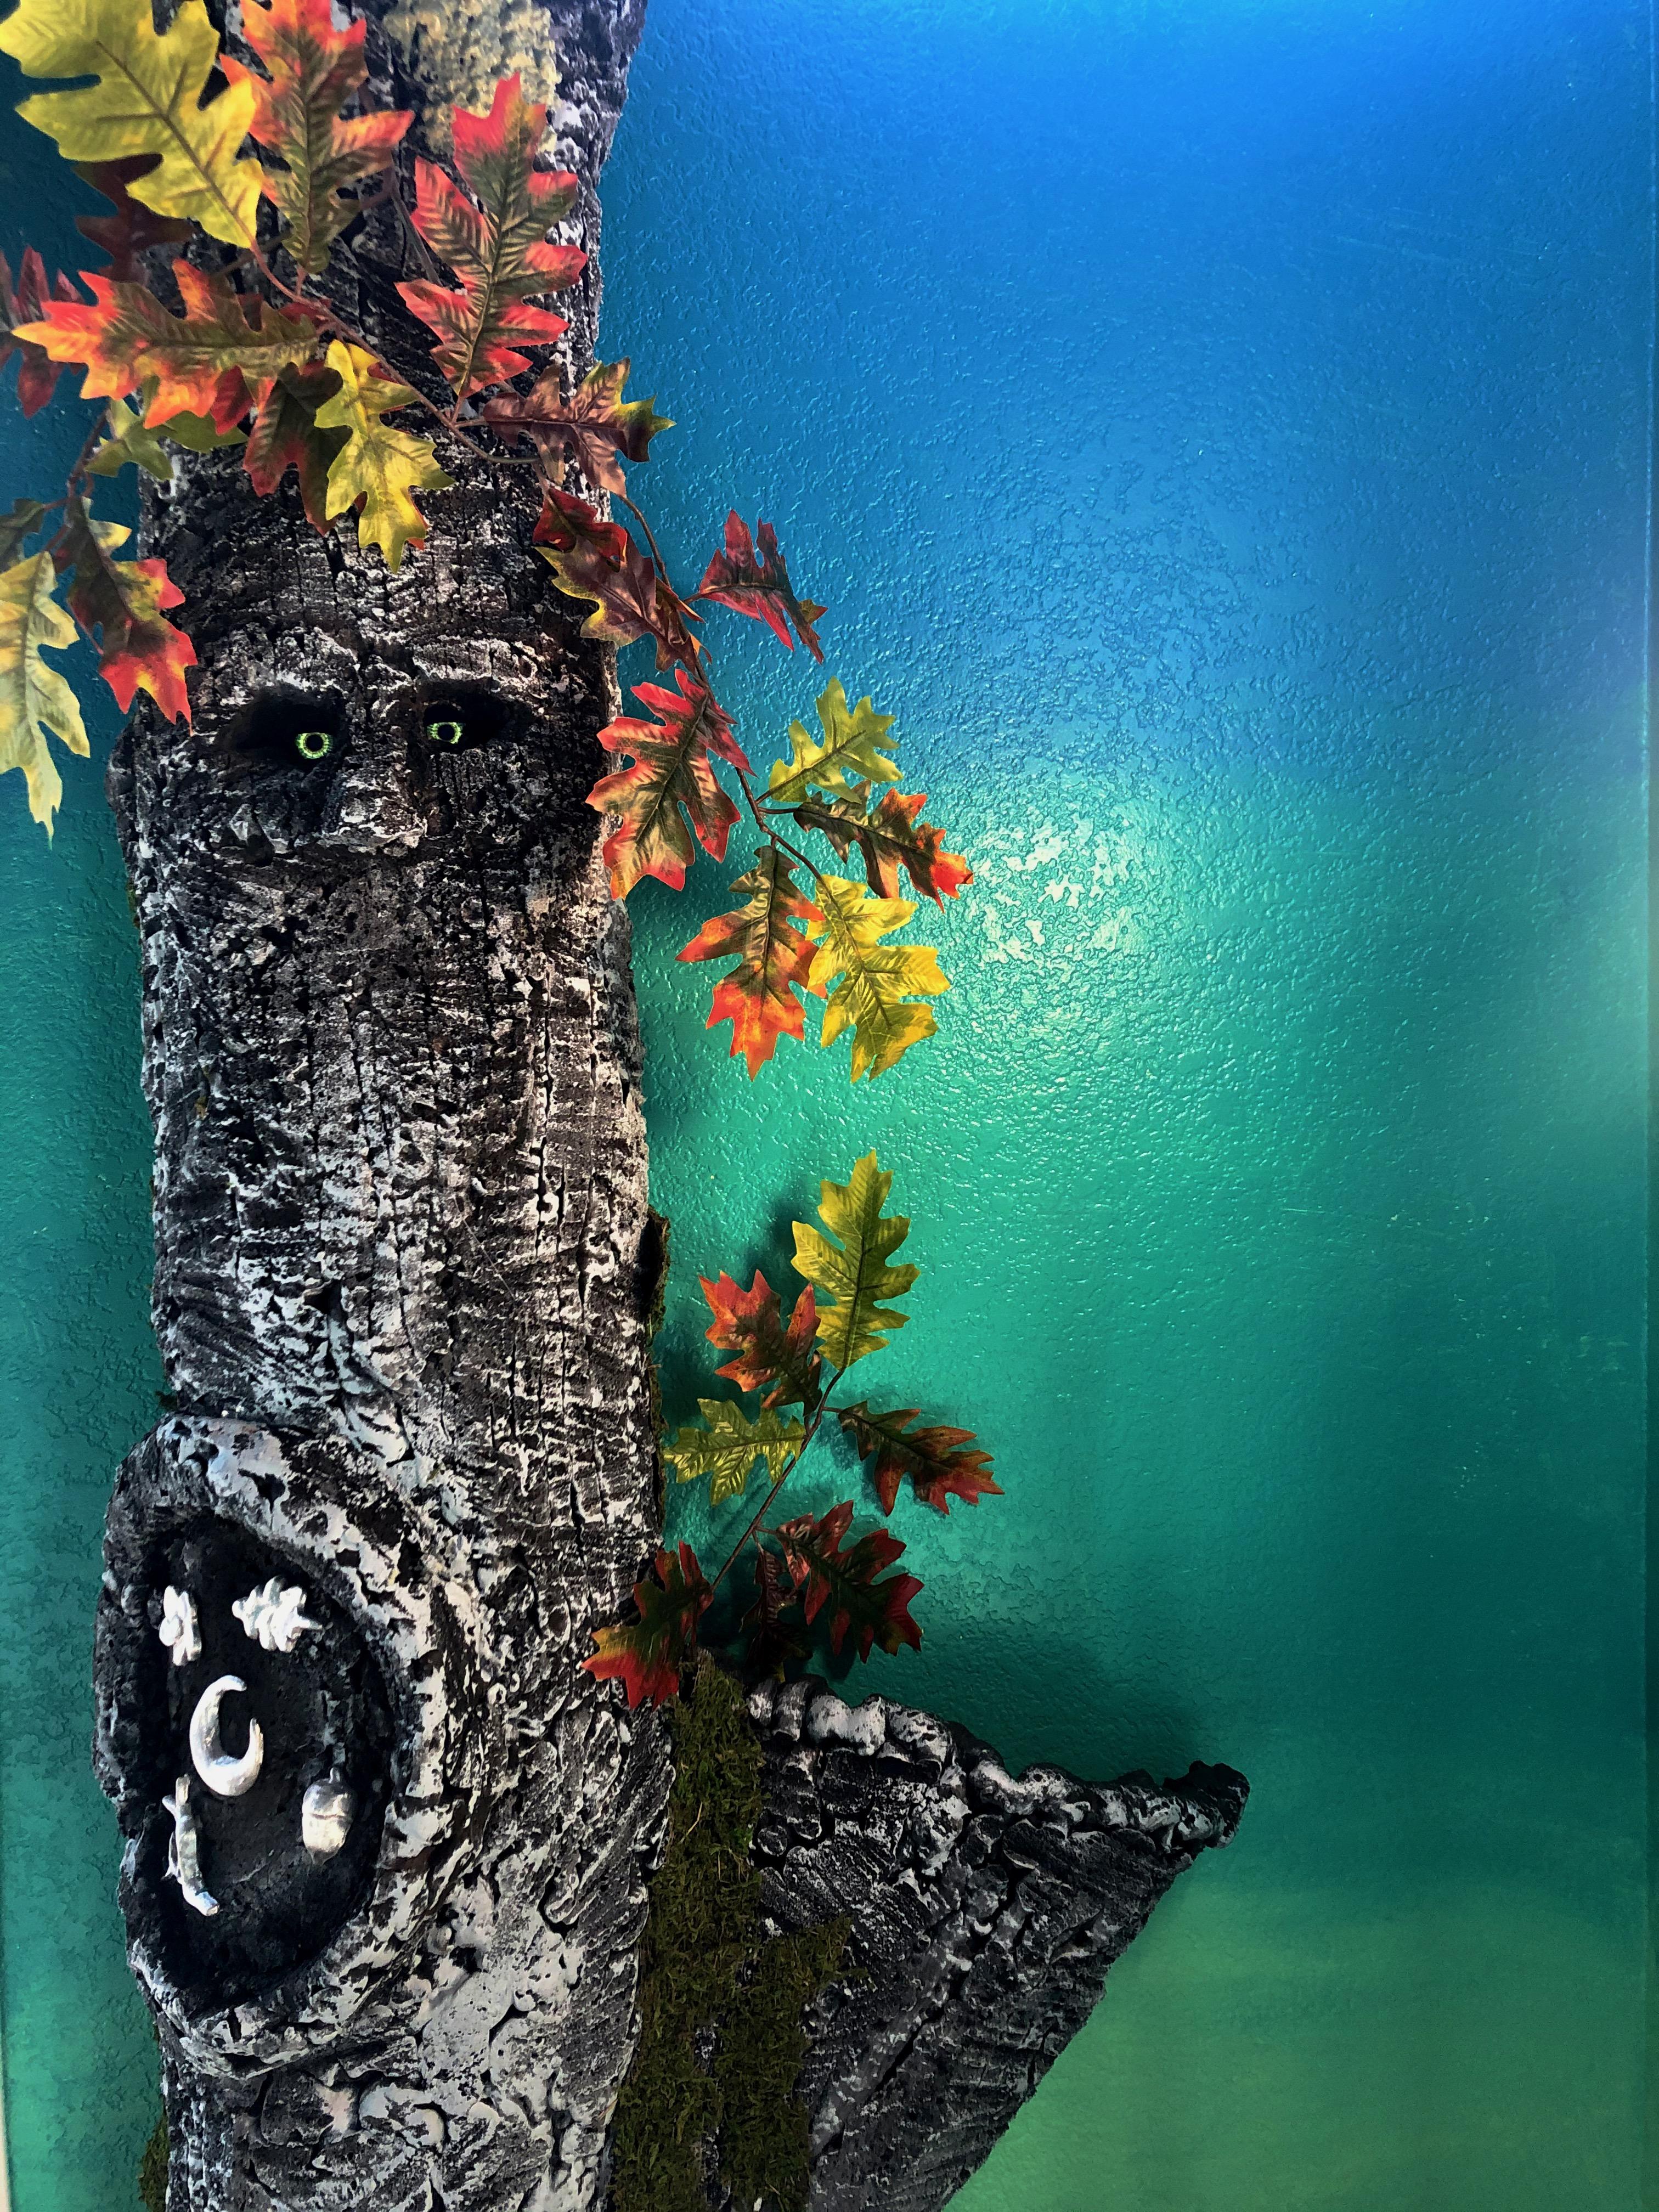 proximity_tree_ent_vertical.jpeg